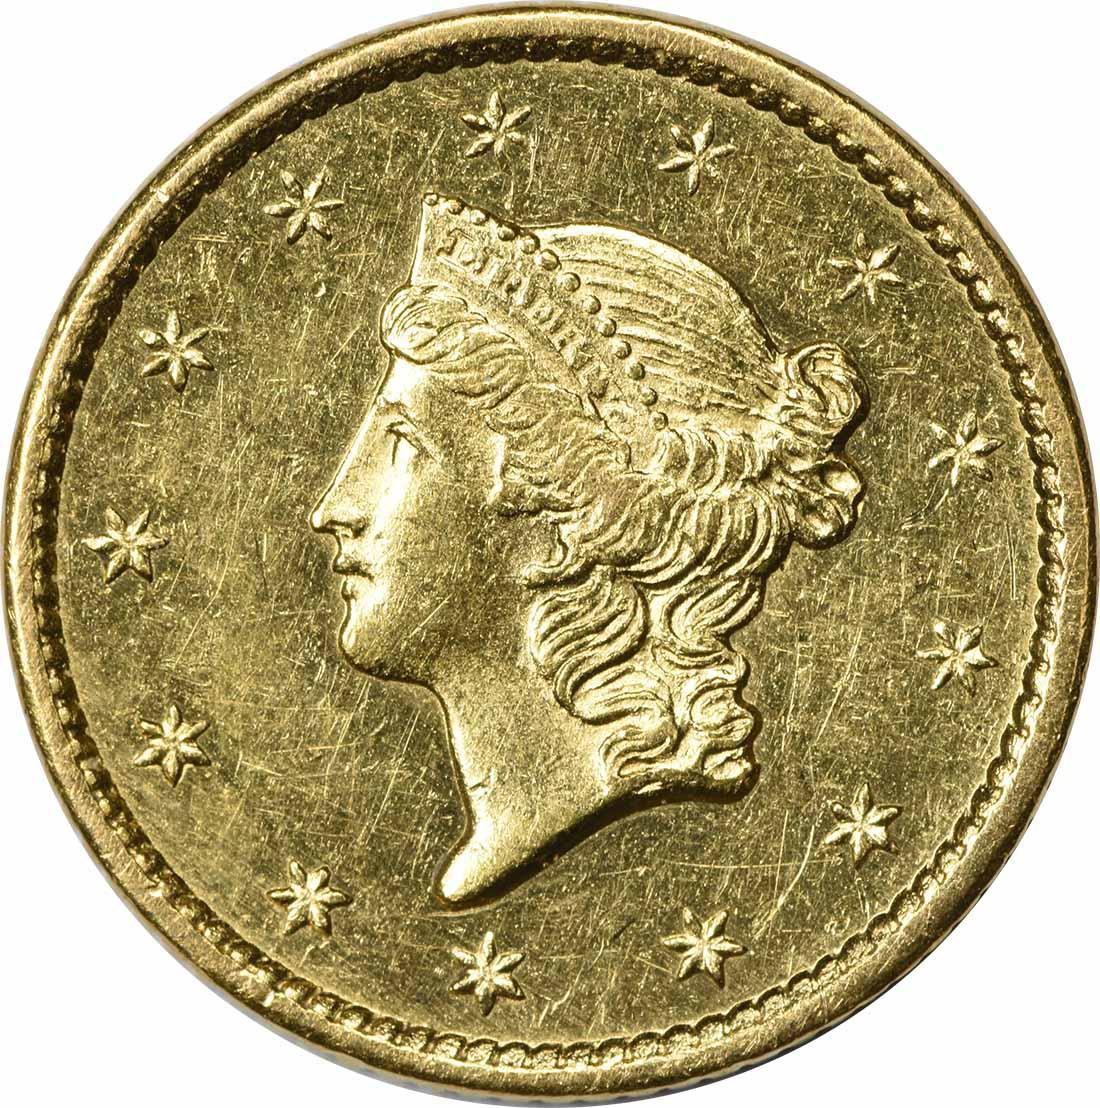 1849 $1 Gold Type 1 Open Wreath AU58 Uncertified